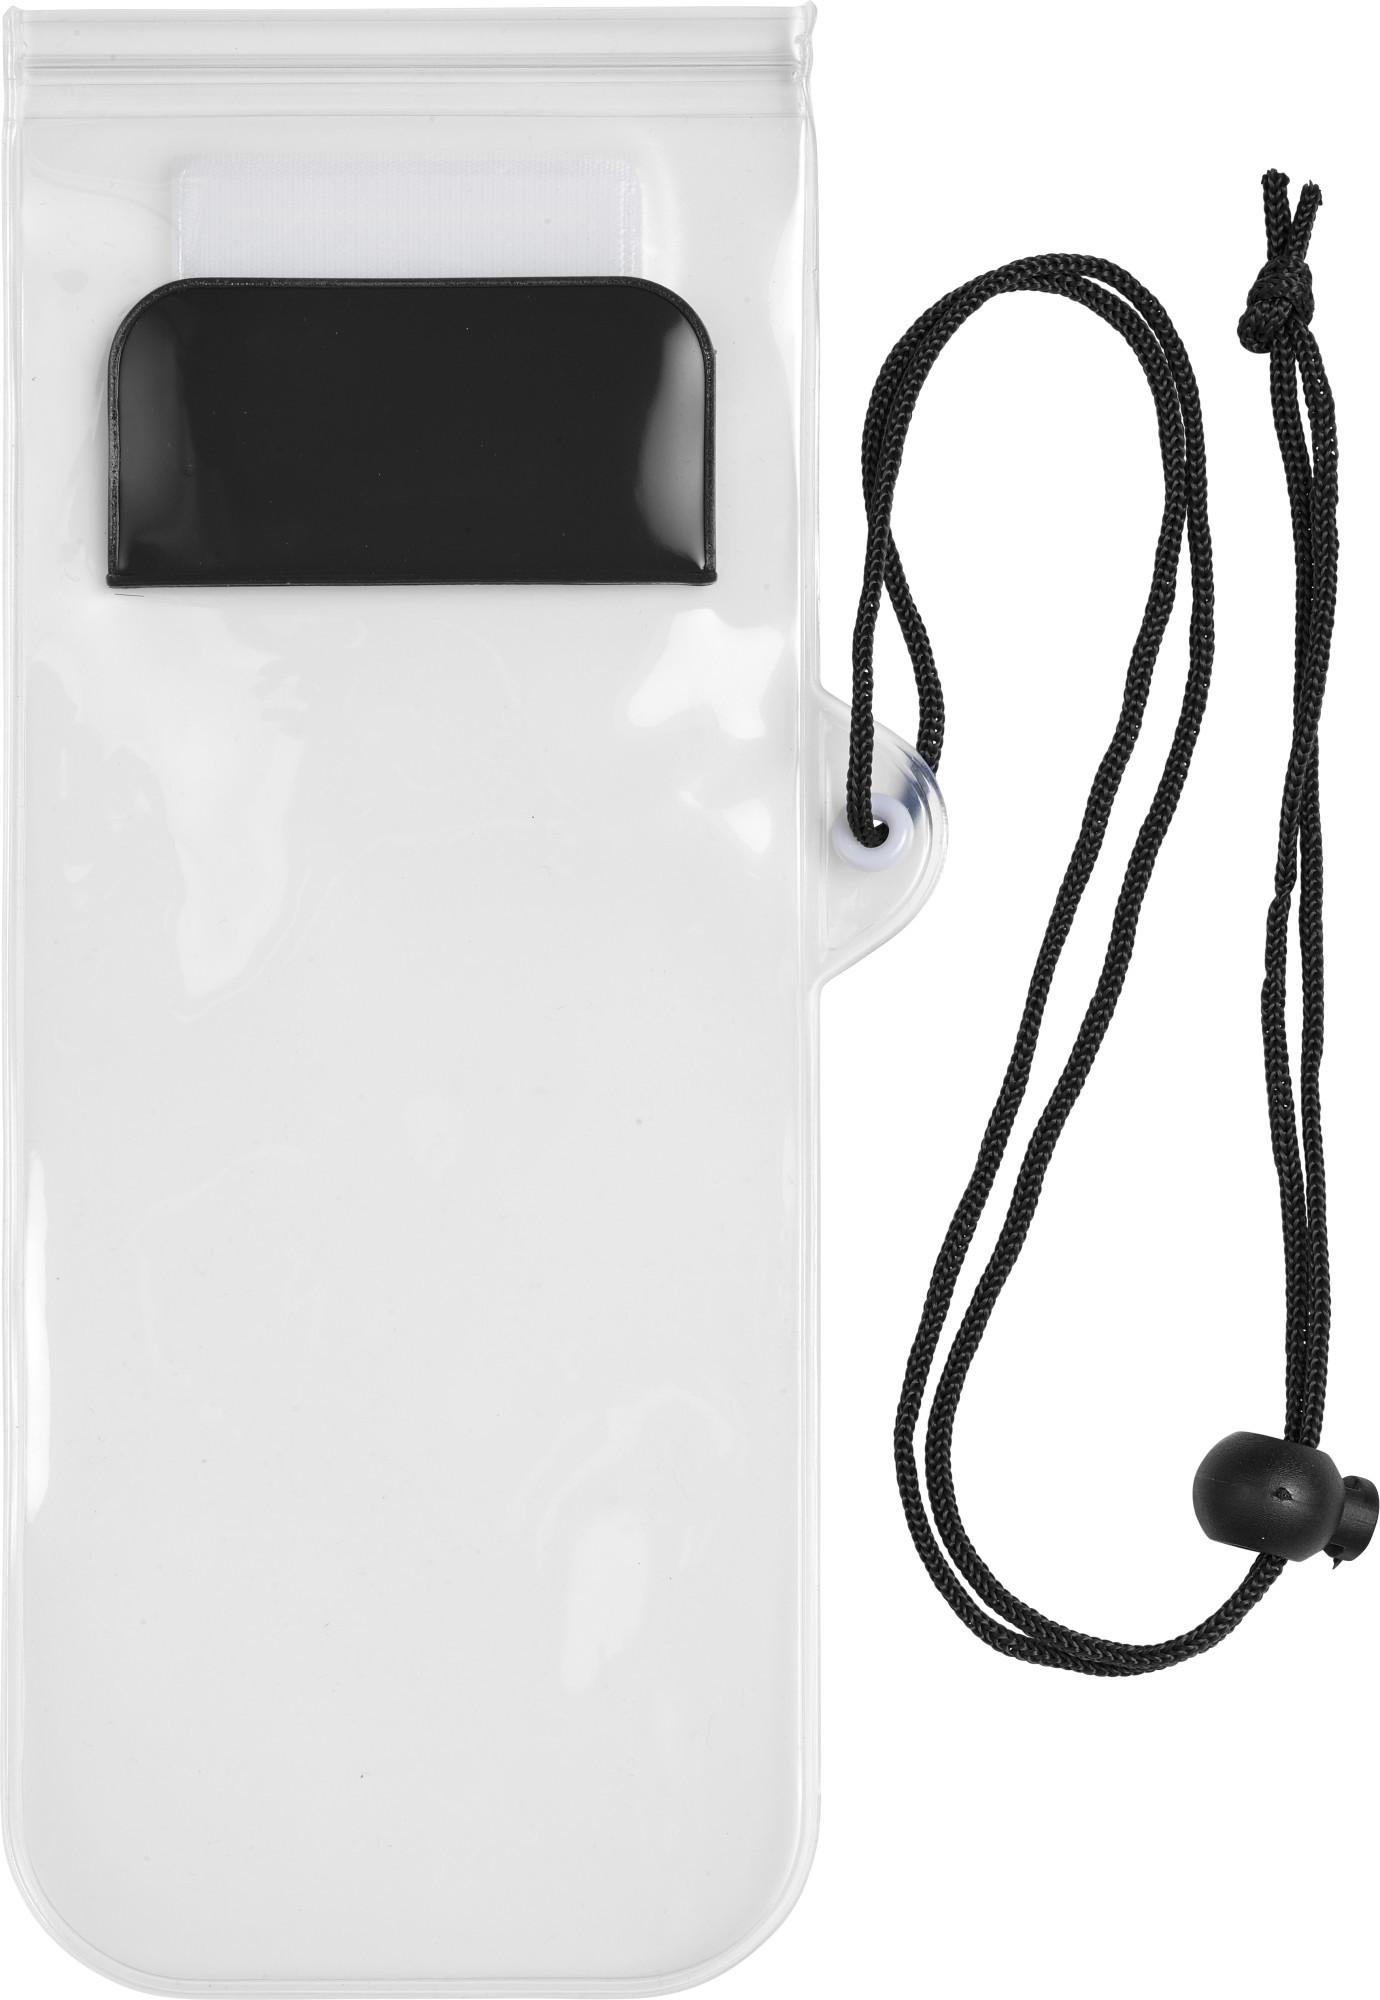 Étui waterproof en PVC pour smartphone - 19-1252-21